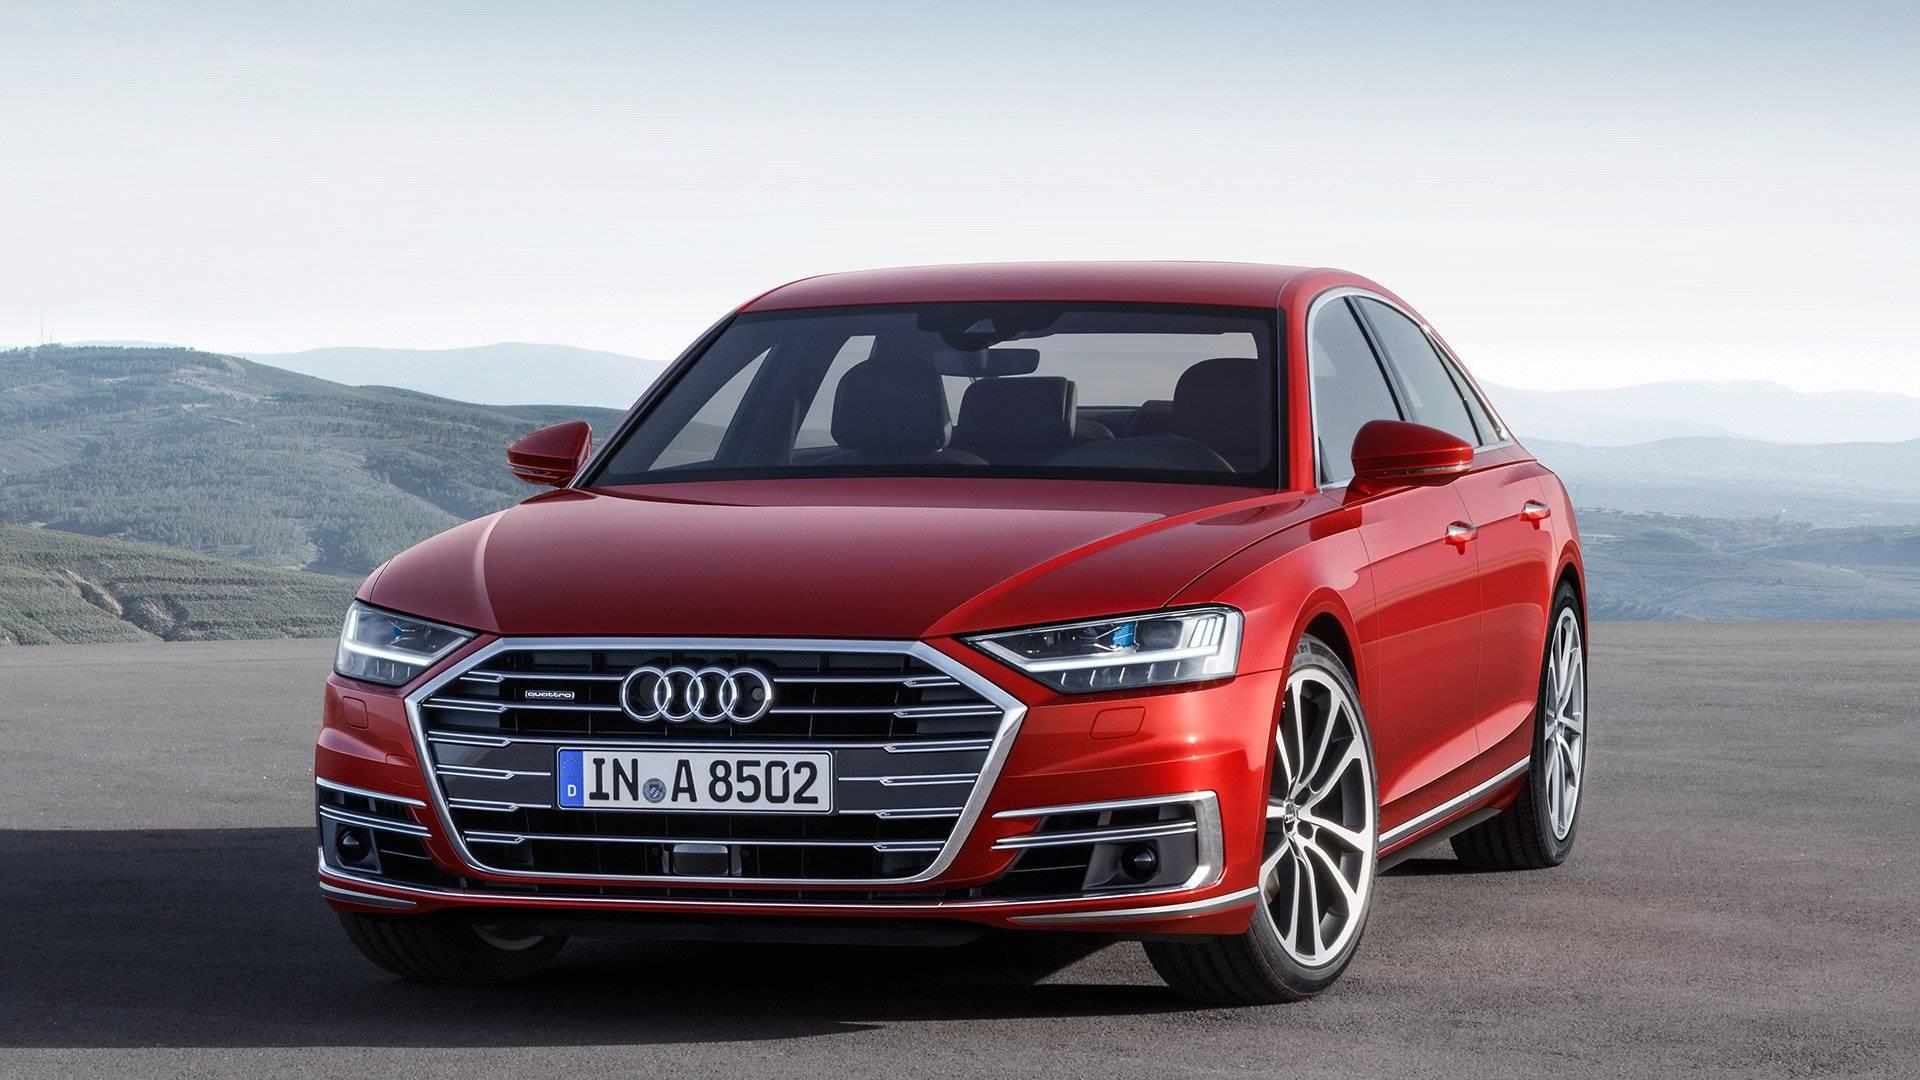 全新 A8:奥迪强势推出全球首台量产型Level 3自动驾驶汽车